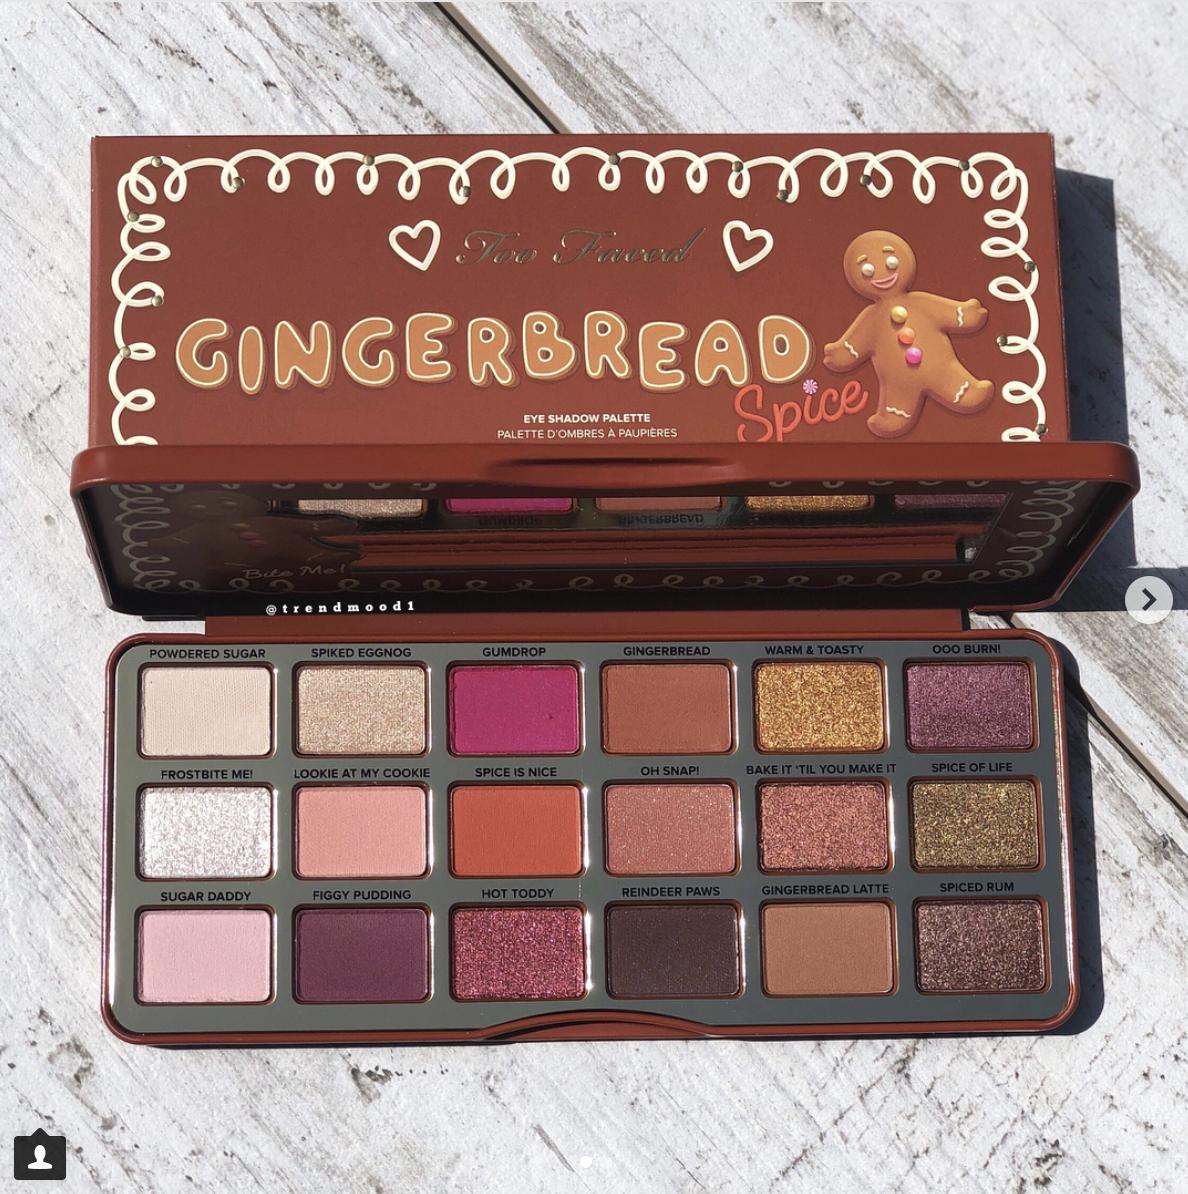 Palette d'ombres à paupières gingerbread - Too Faced - (prix inconnu)